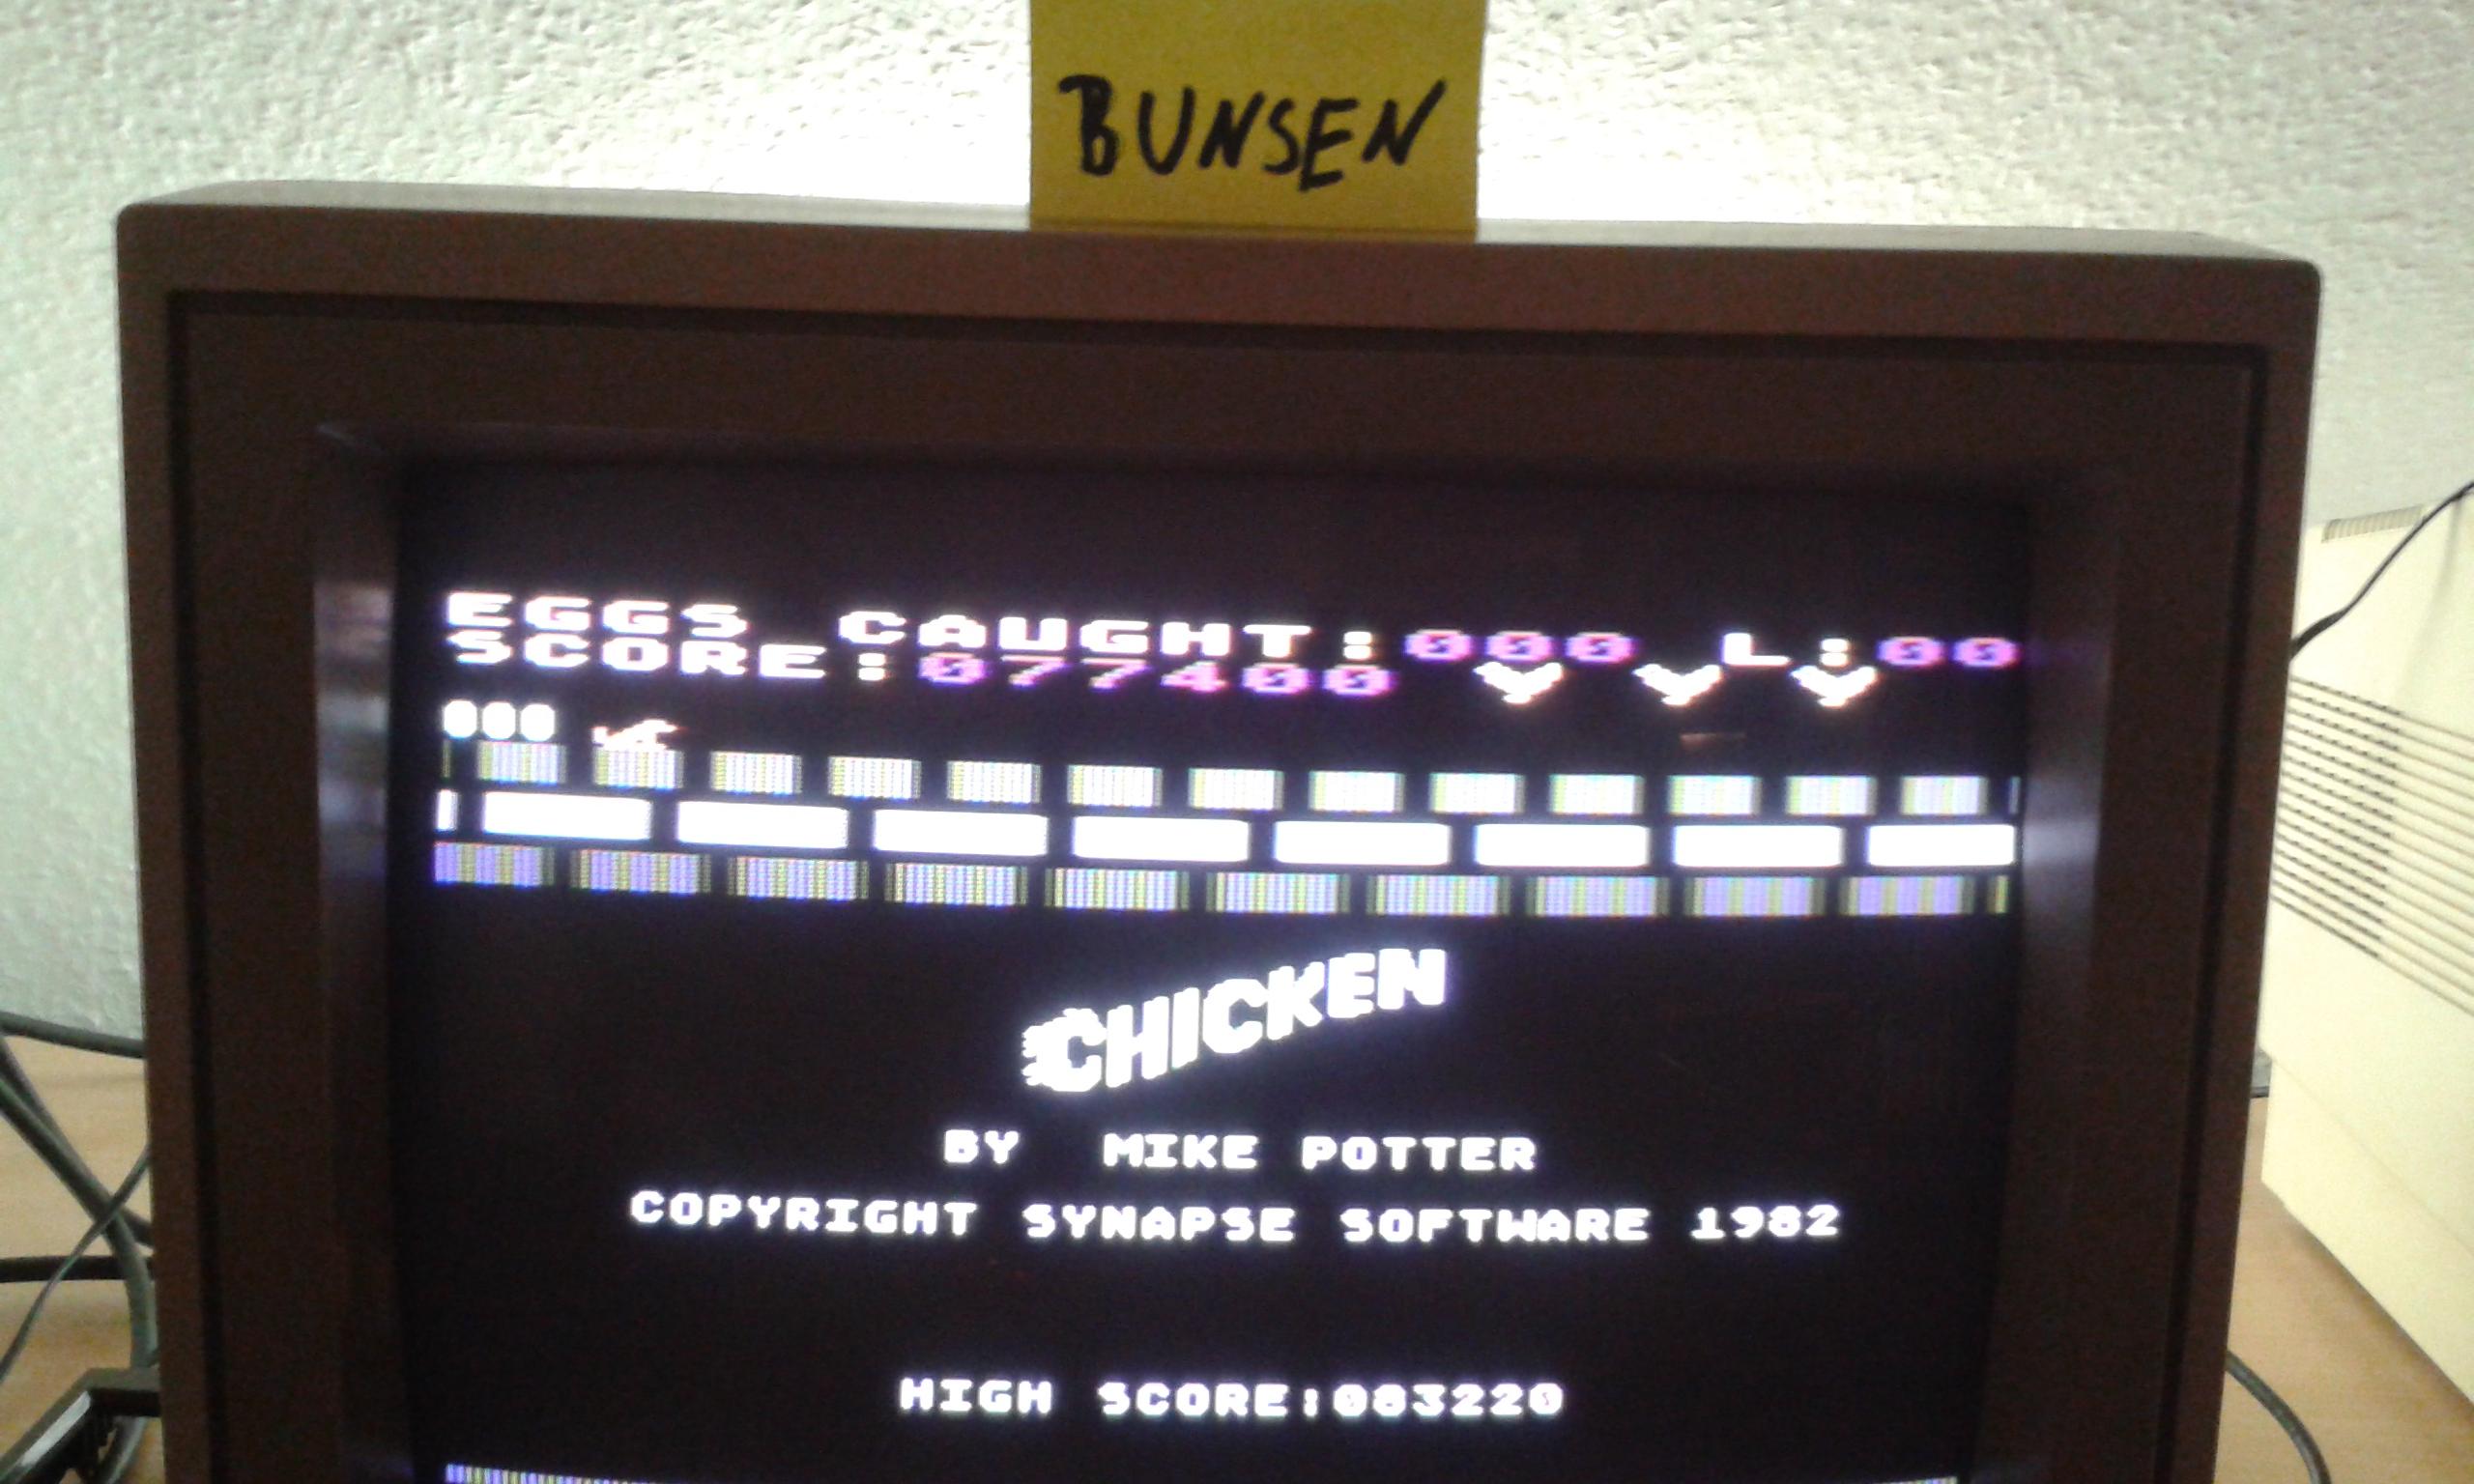 Bunsen: Chicken (Atari 400/800/XL/XE) 77,400 points on 2015-10-30 14:28:21